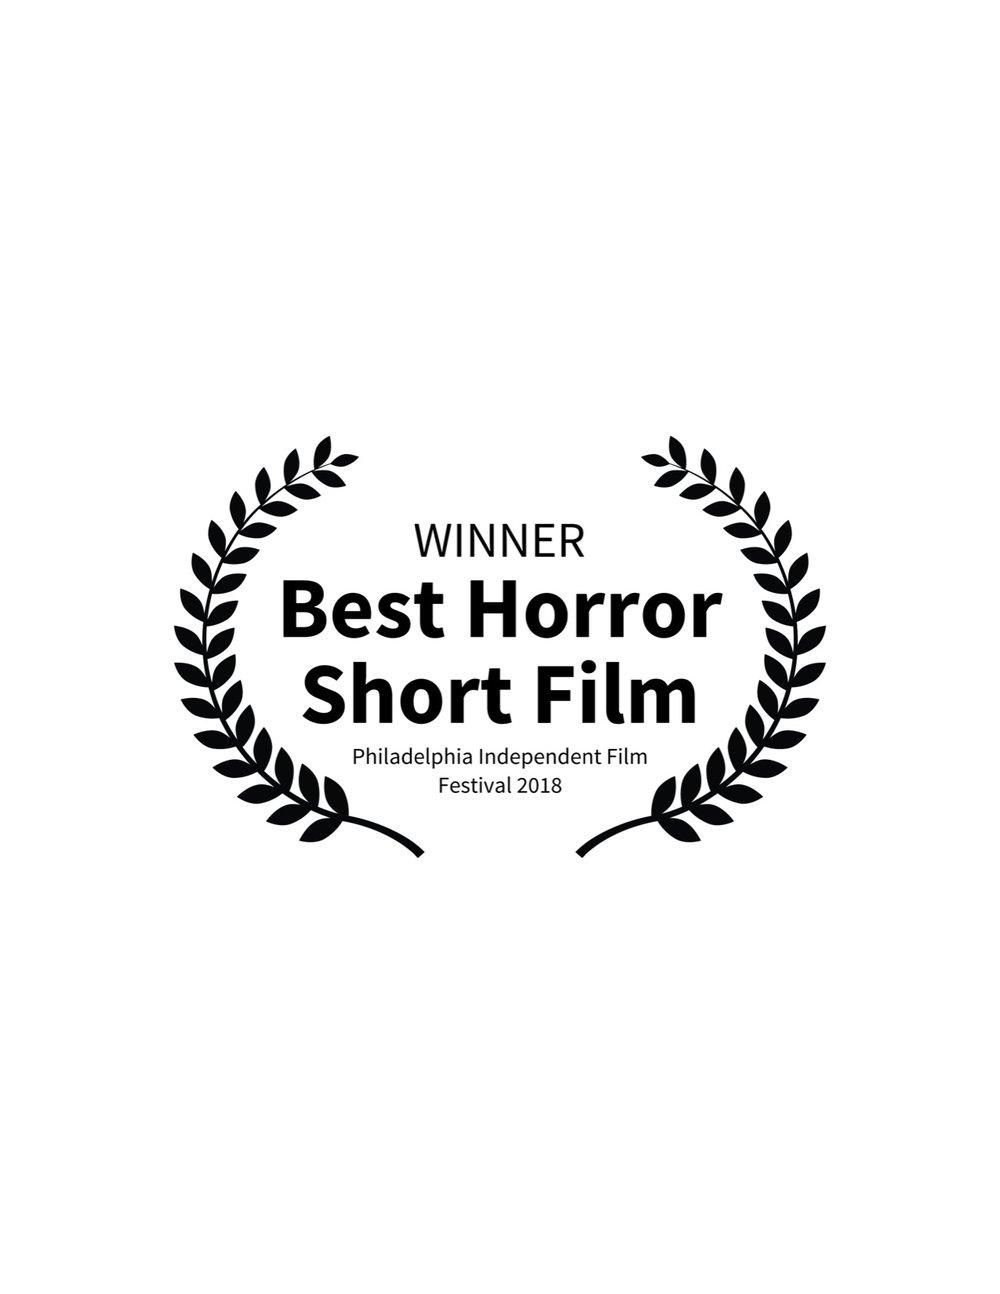 WINNER - Best Horror Short Film - Philadelphia Independent Film Festival 2018.jpg